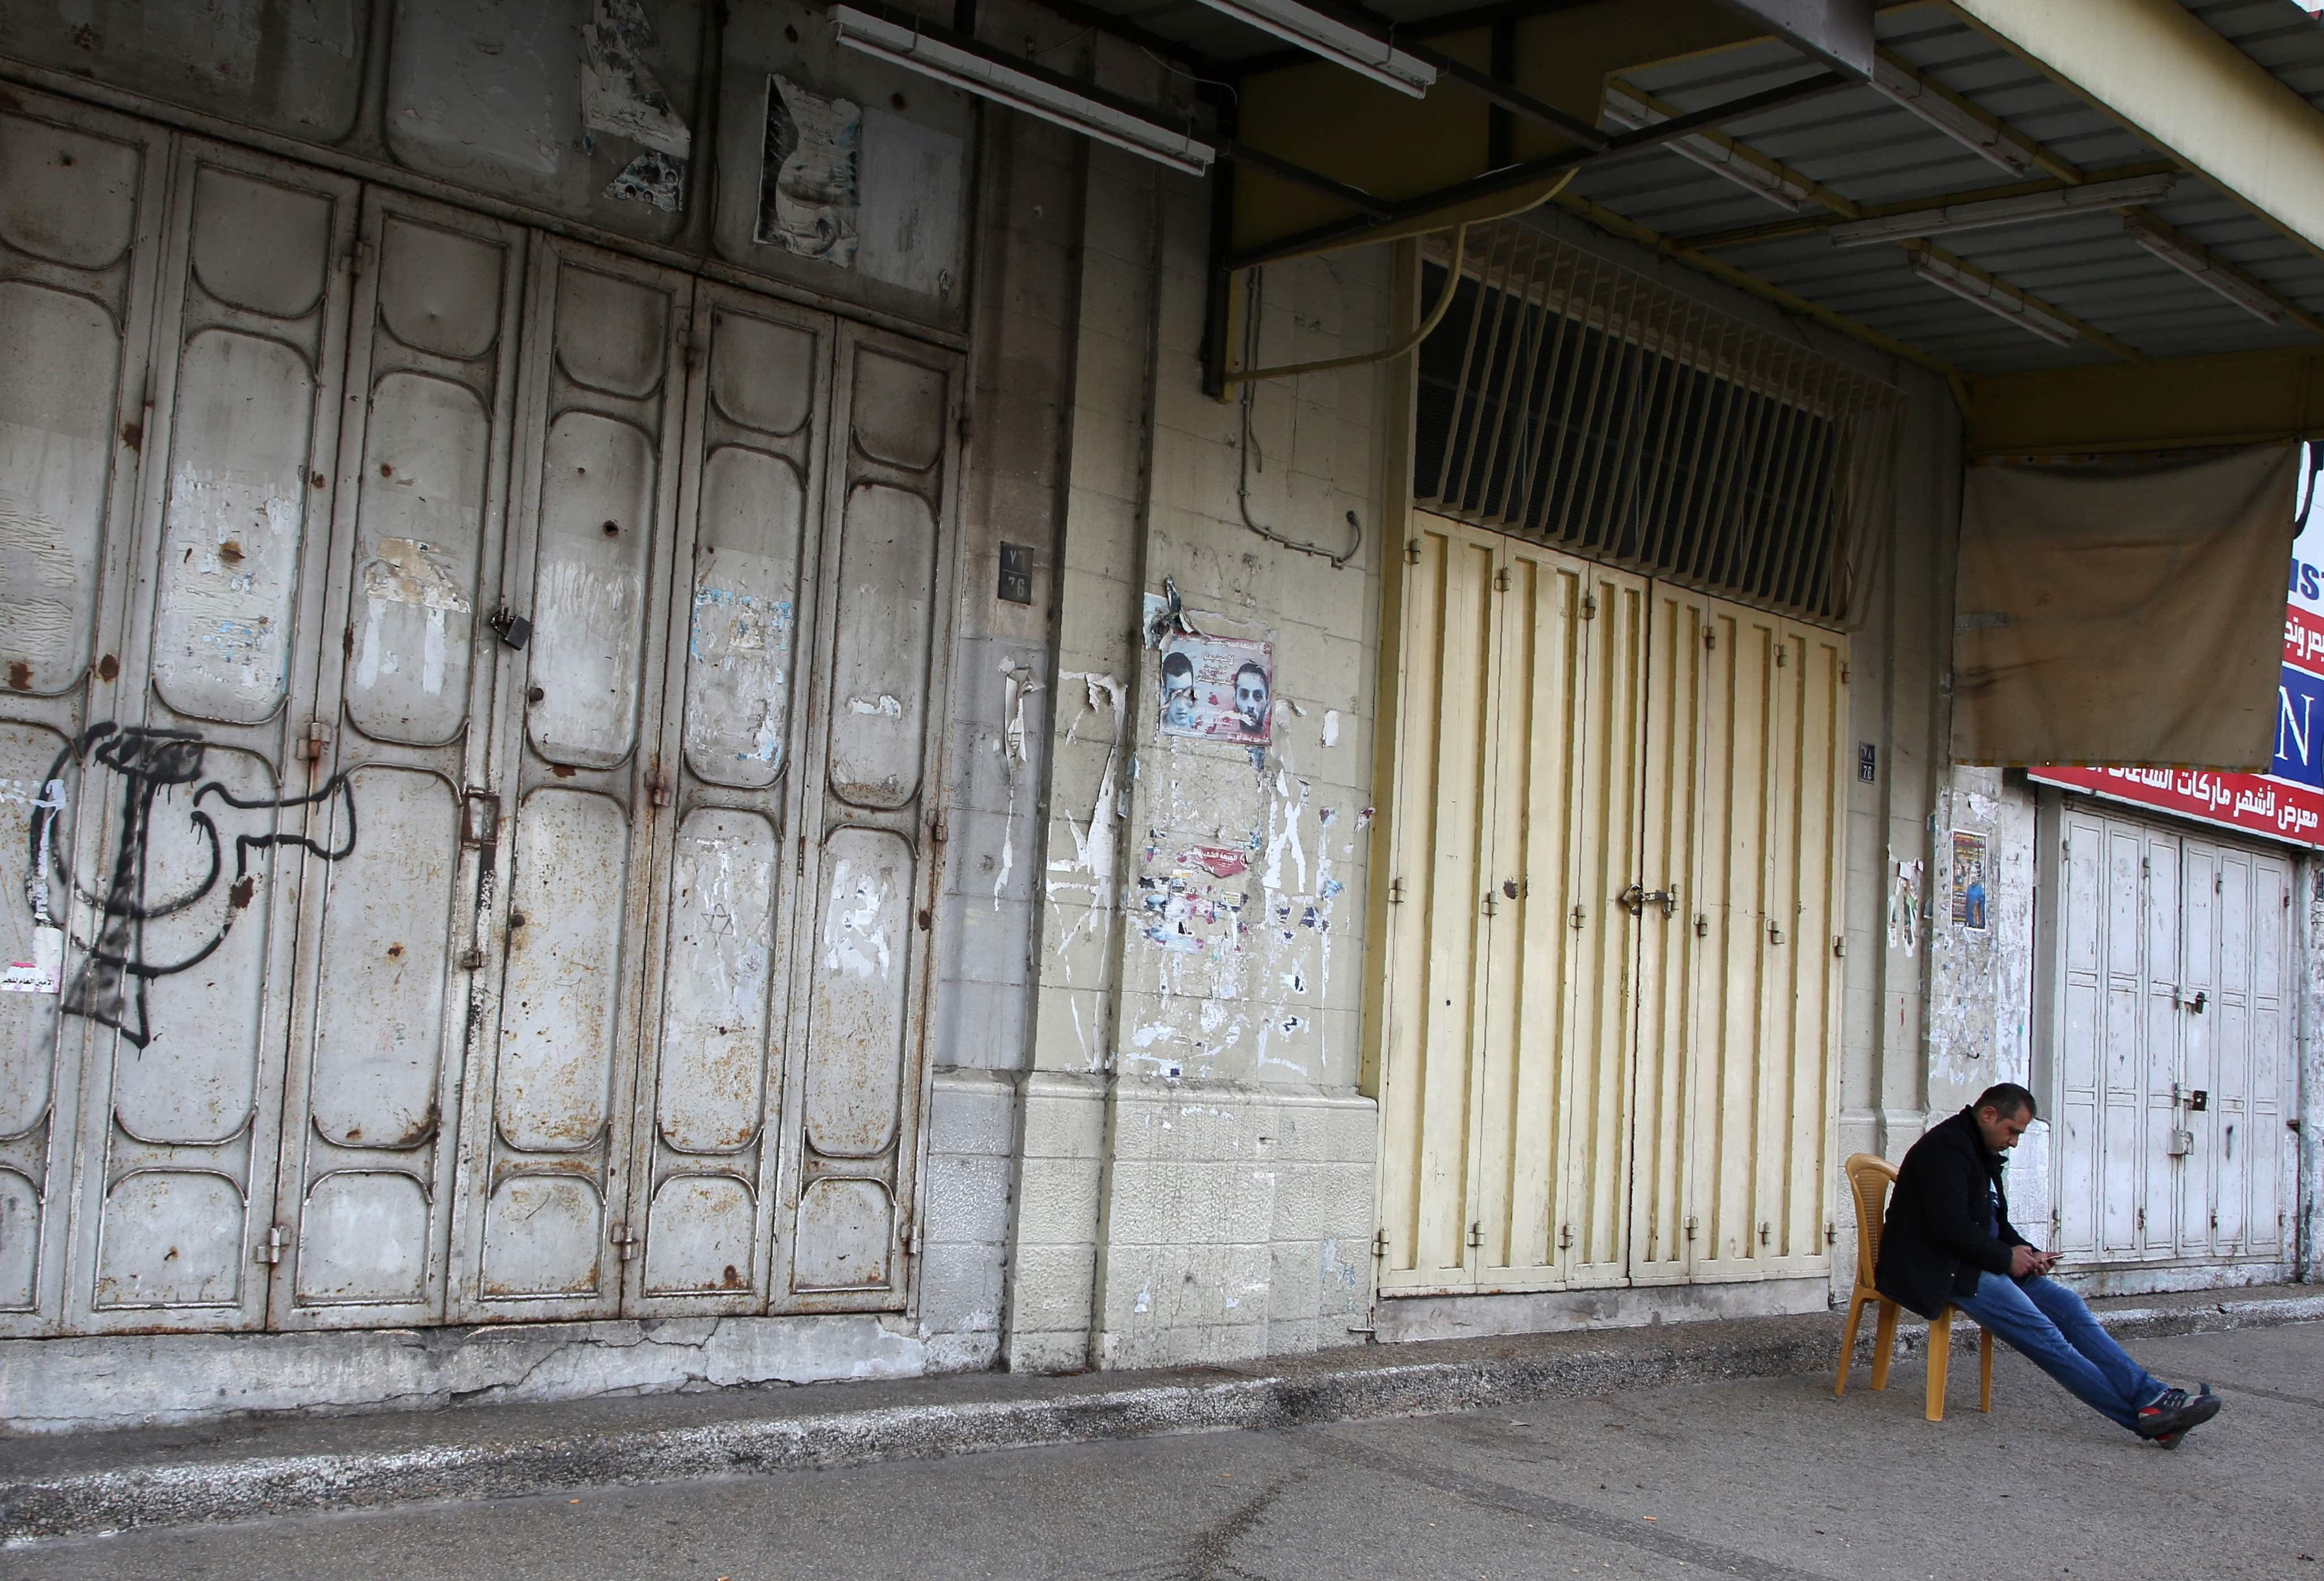 أبواب المحلات الفلسطينية مغلقه بالأقفال فى ظل الإضراب الشامل